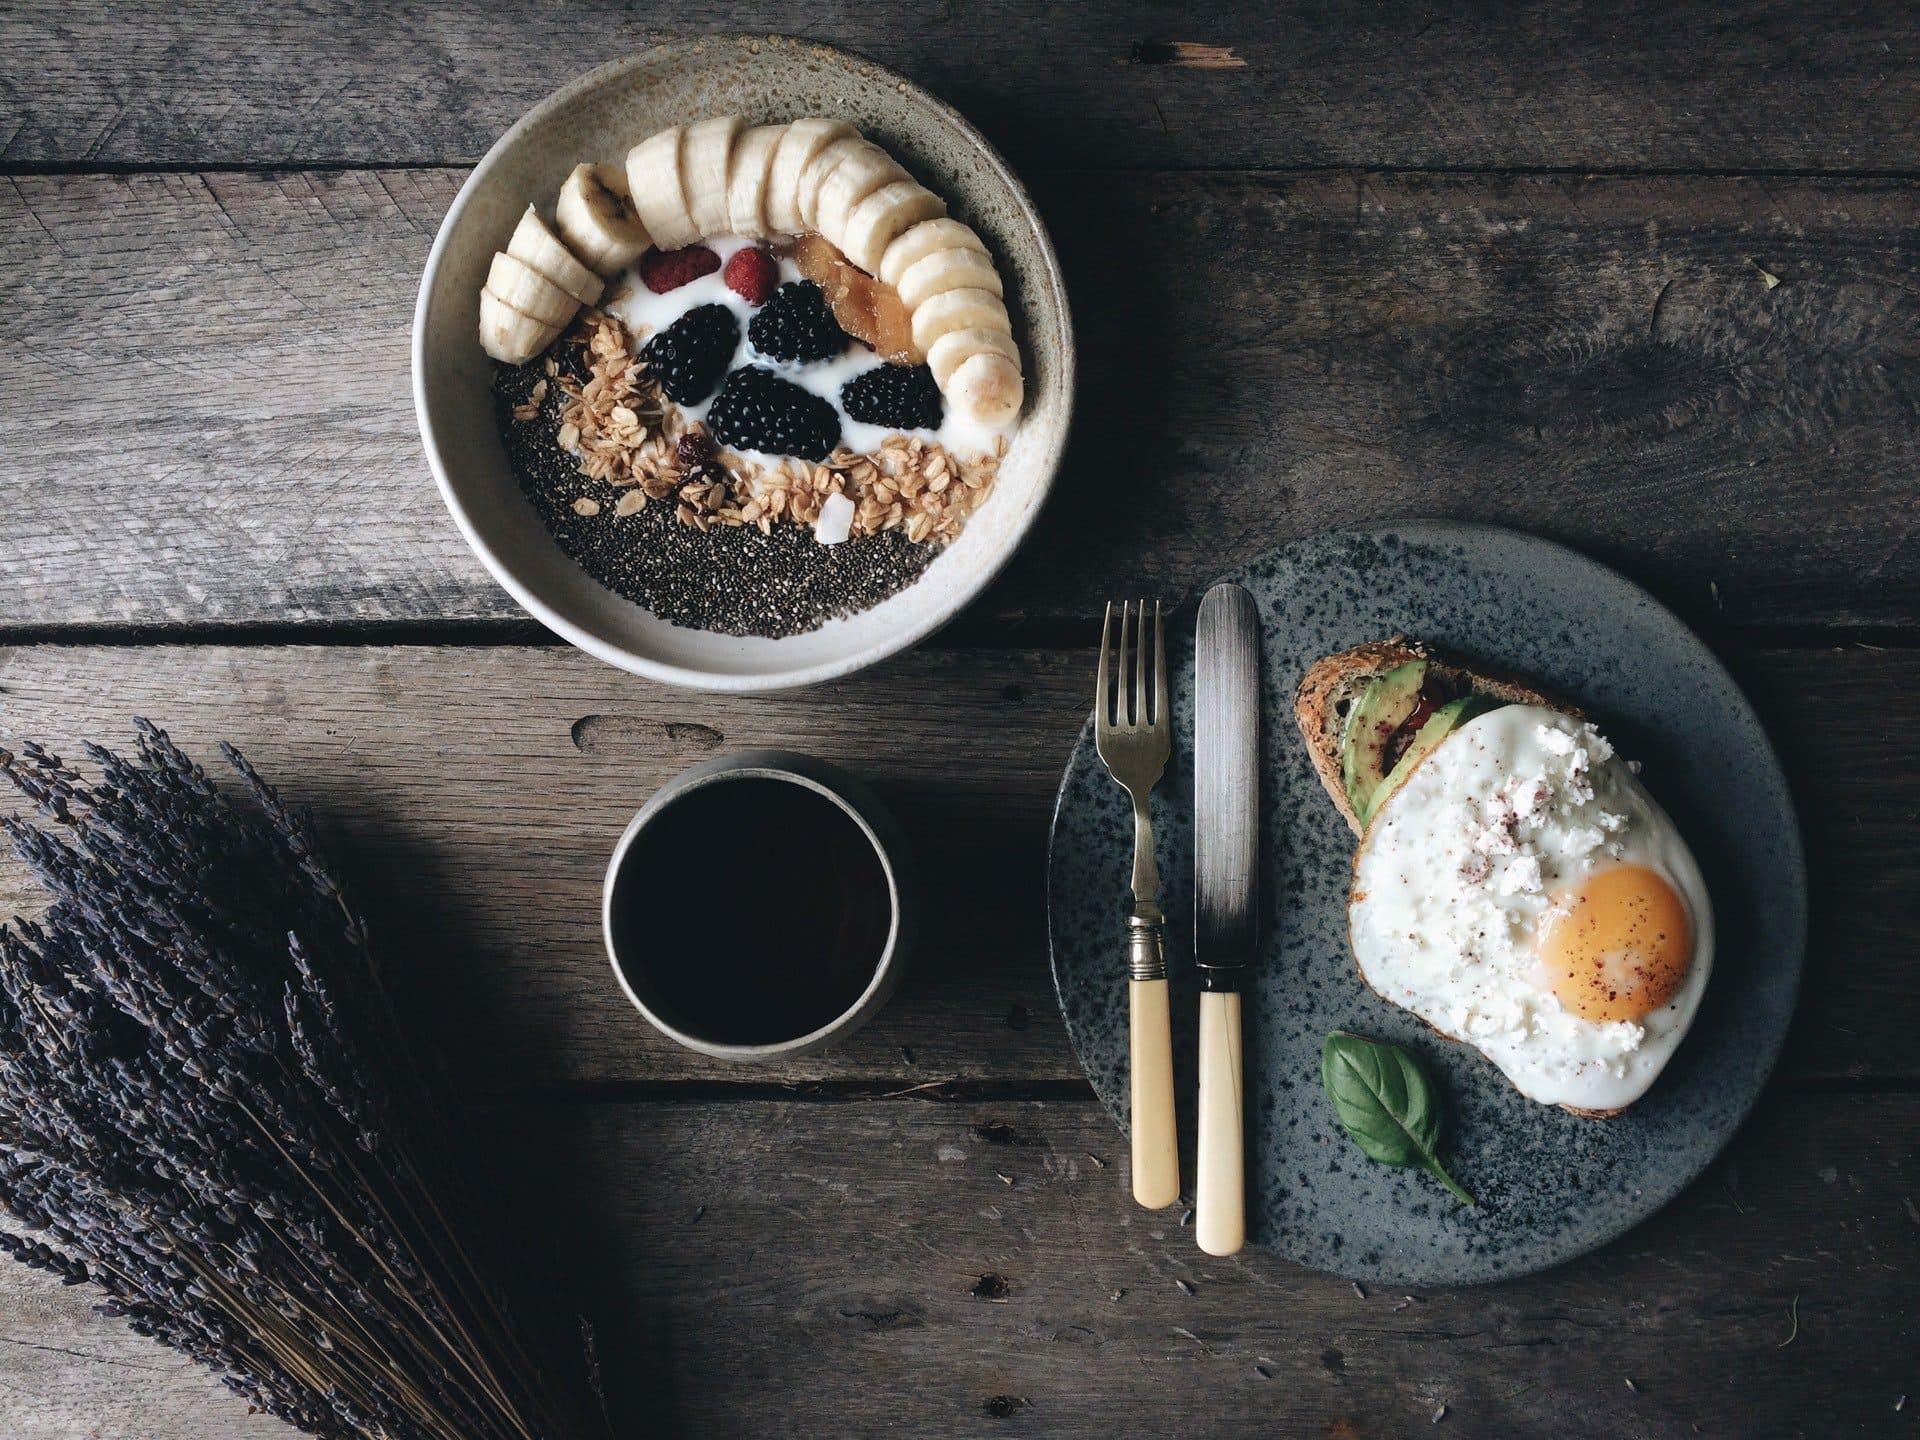 En qué consiste un desayuno saludable